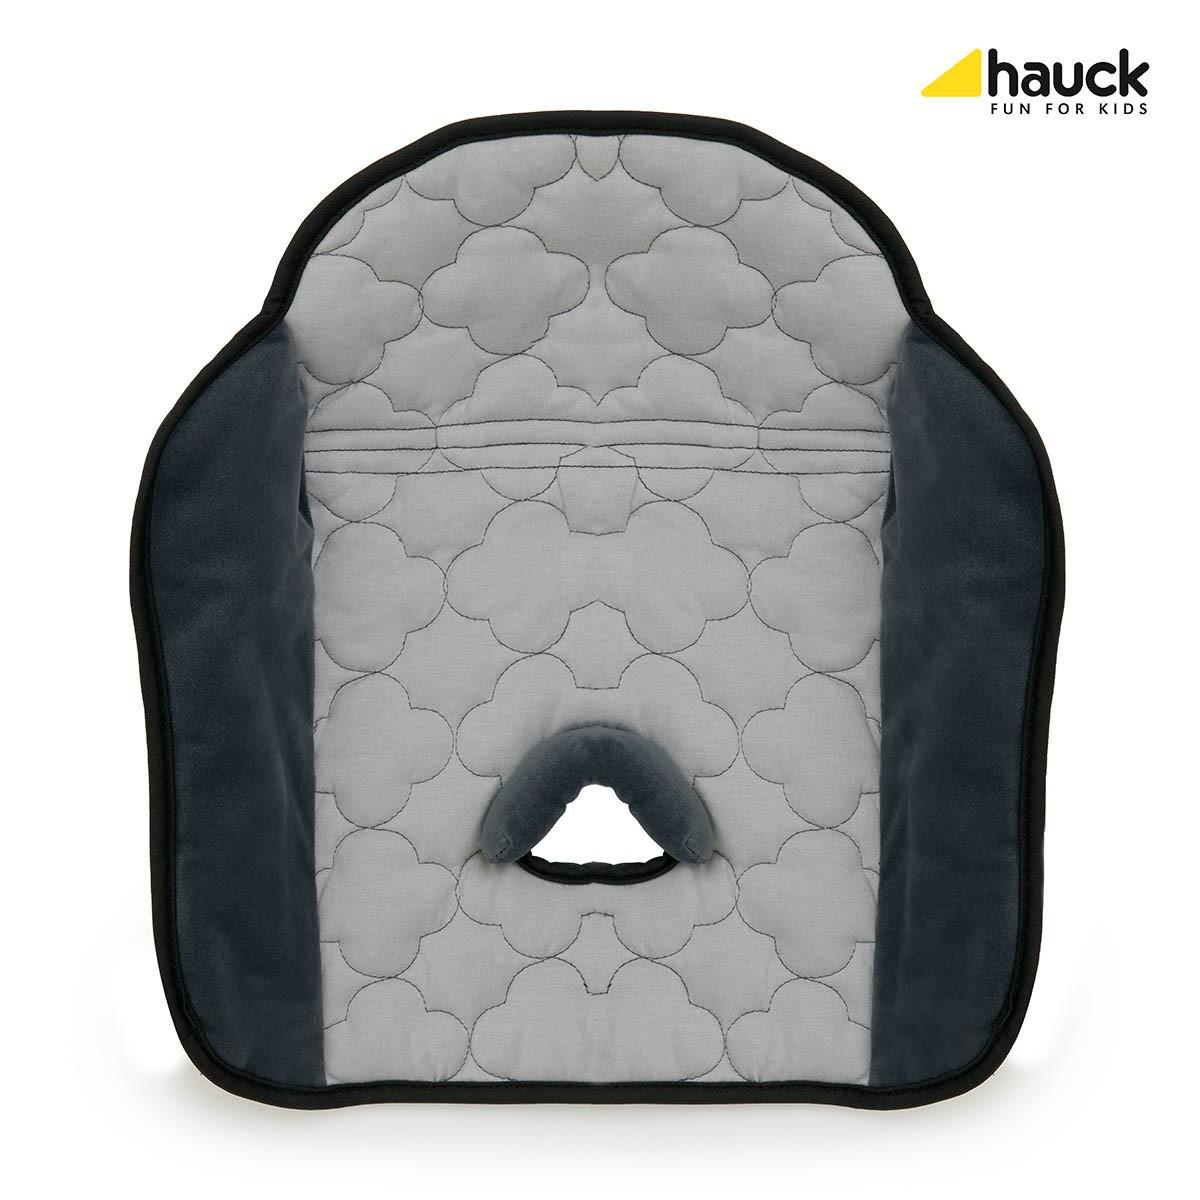 Zmenšovací vložka do autosedaček Hauck Dry me (VE 6/24)